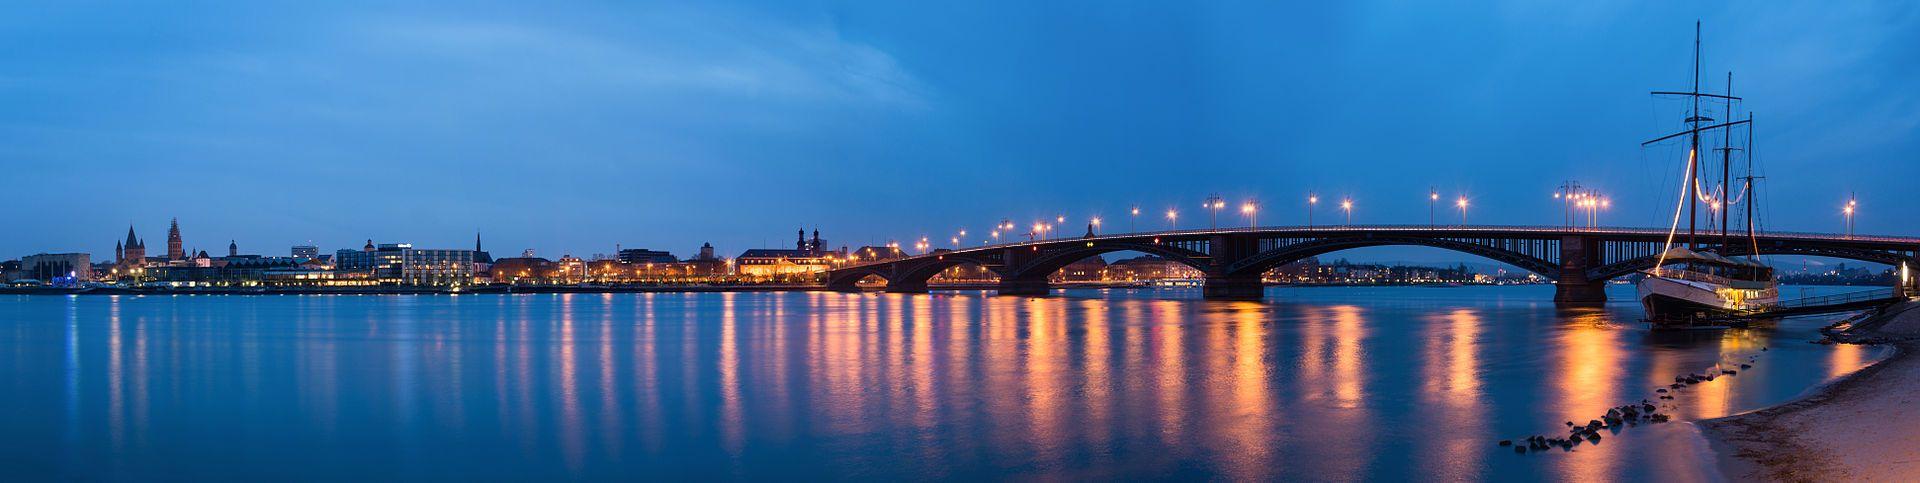 Mainz Theodor Heuss Bruecke Blaue Stunde Mainz Brucke Und Blau